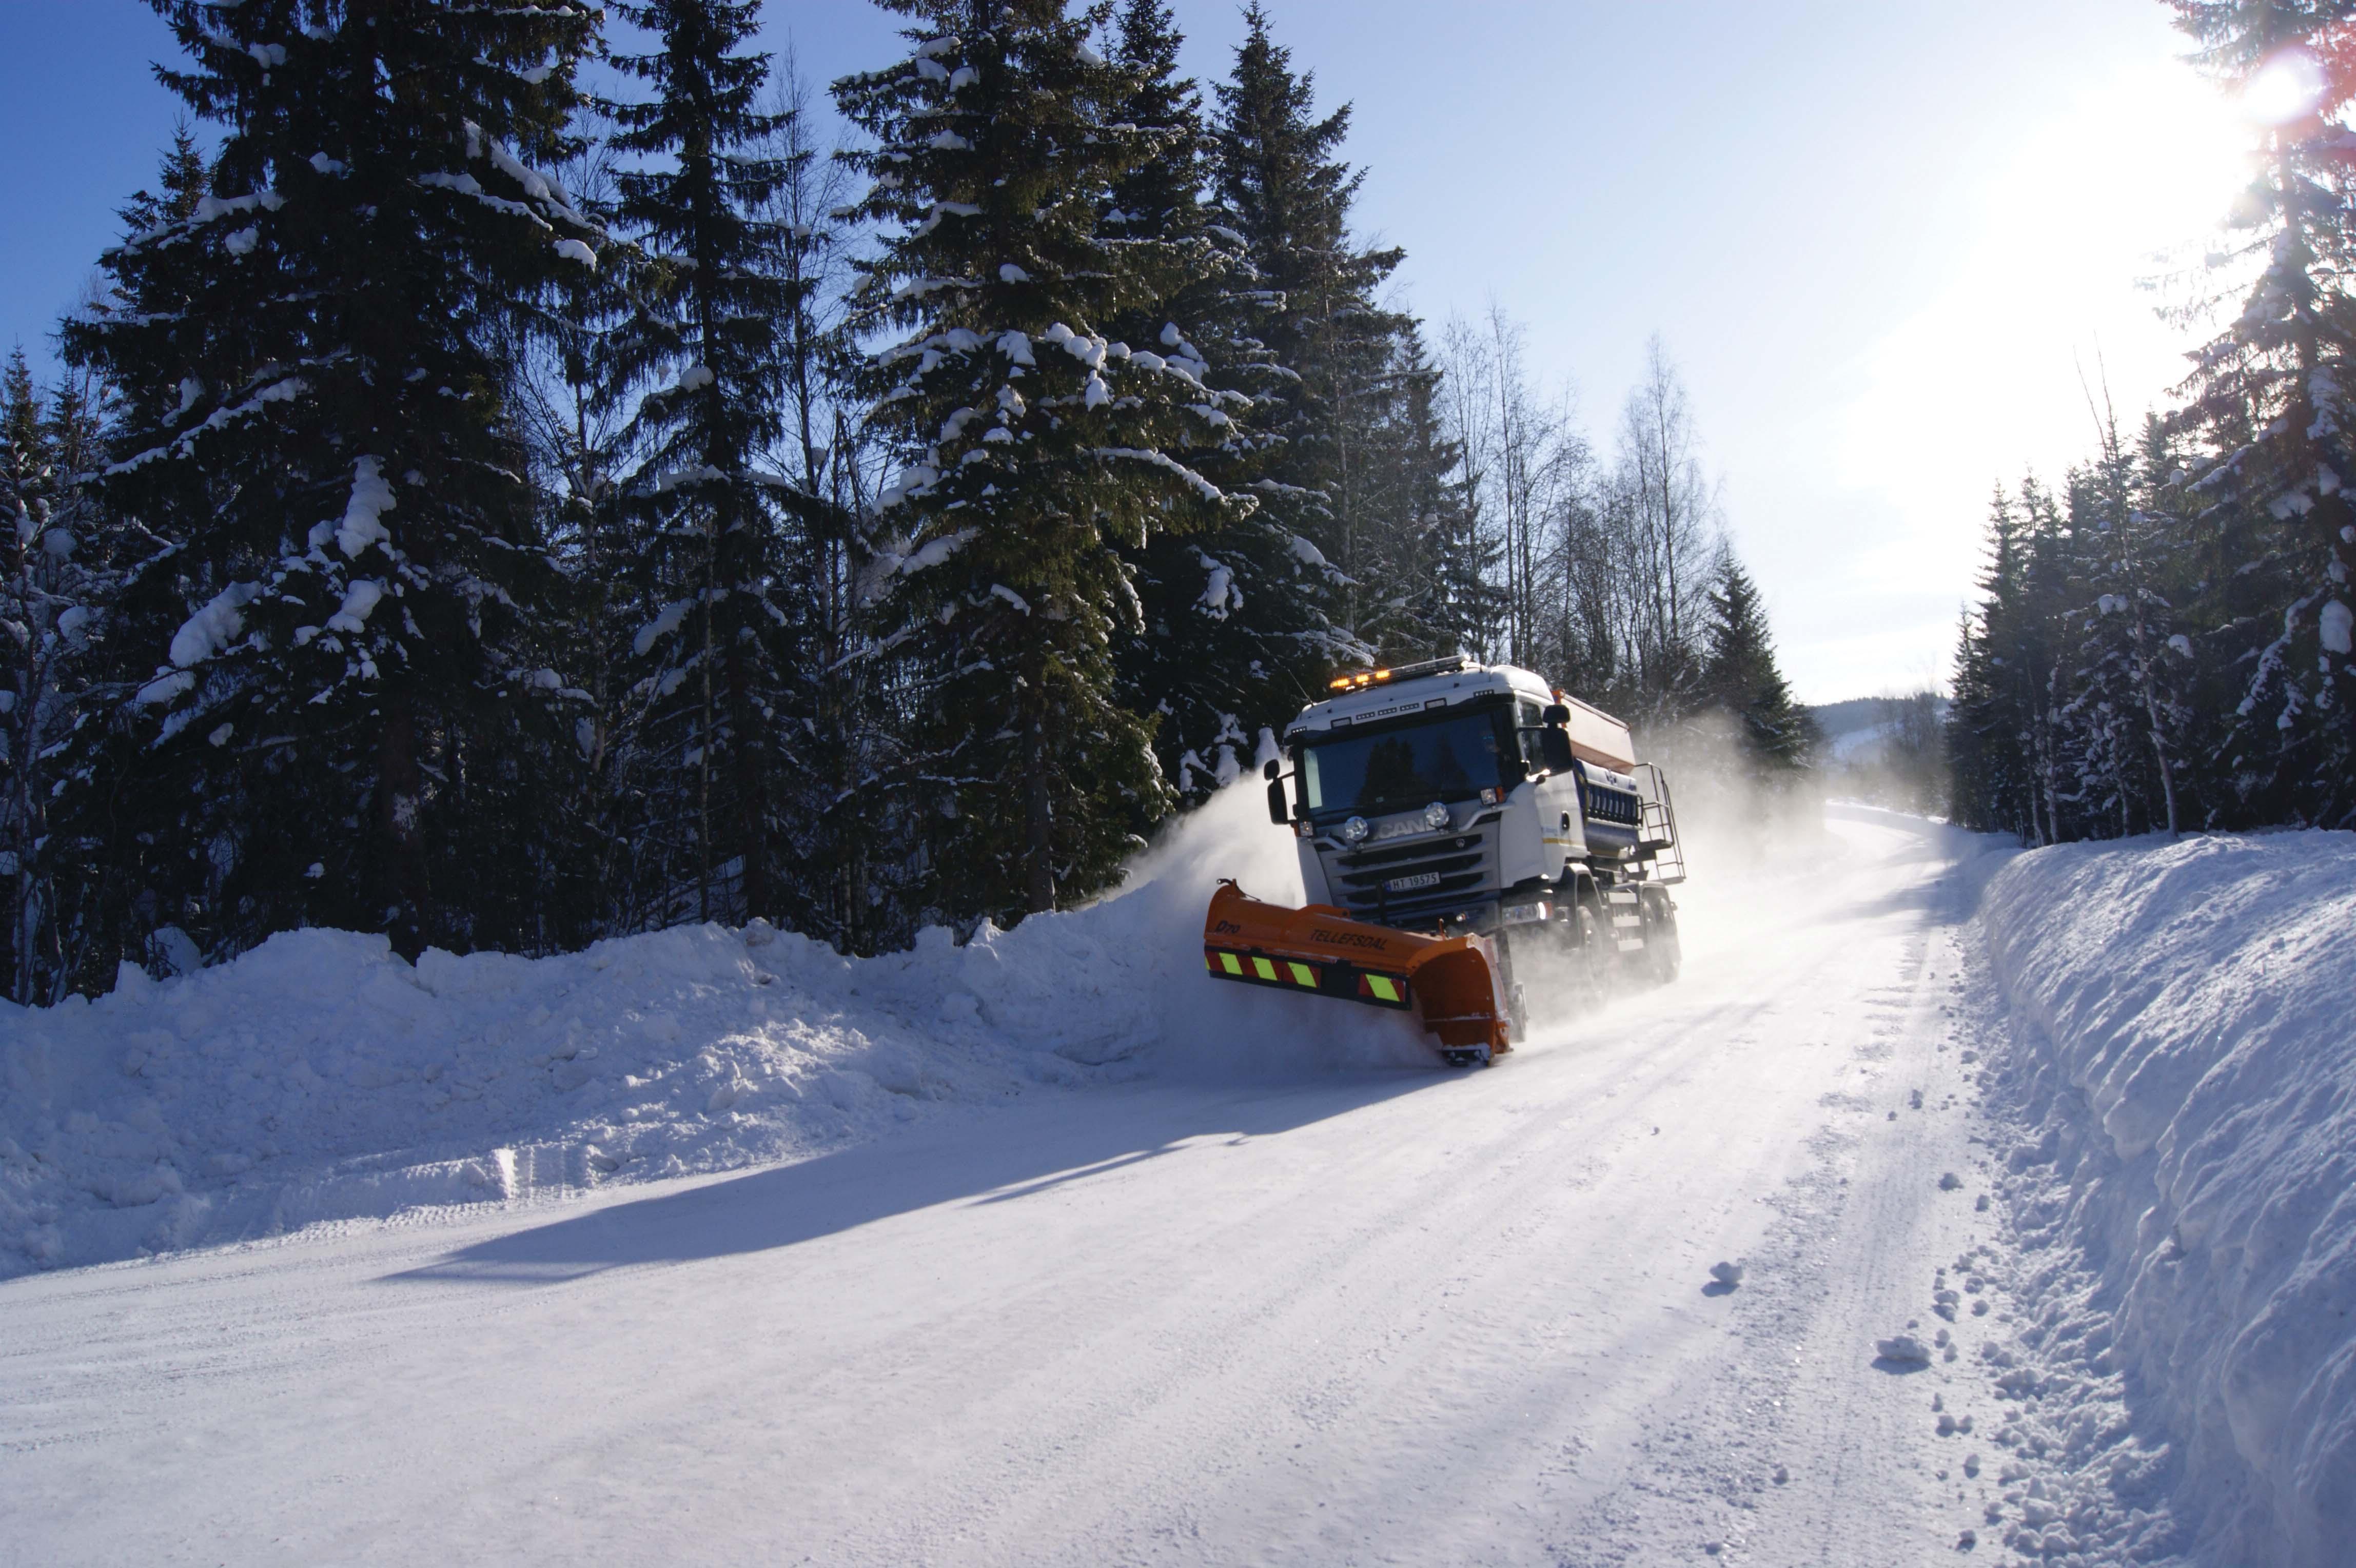 Piste perfettamente innevate, strade perfettamente sgombre. Lillehammer sceglie le trasmissioni Allison